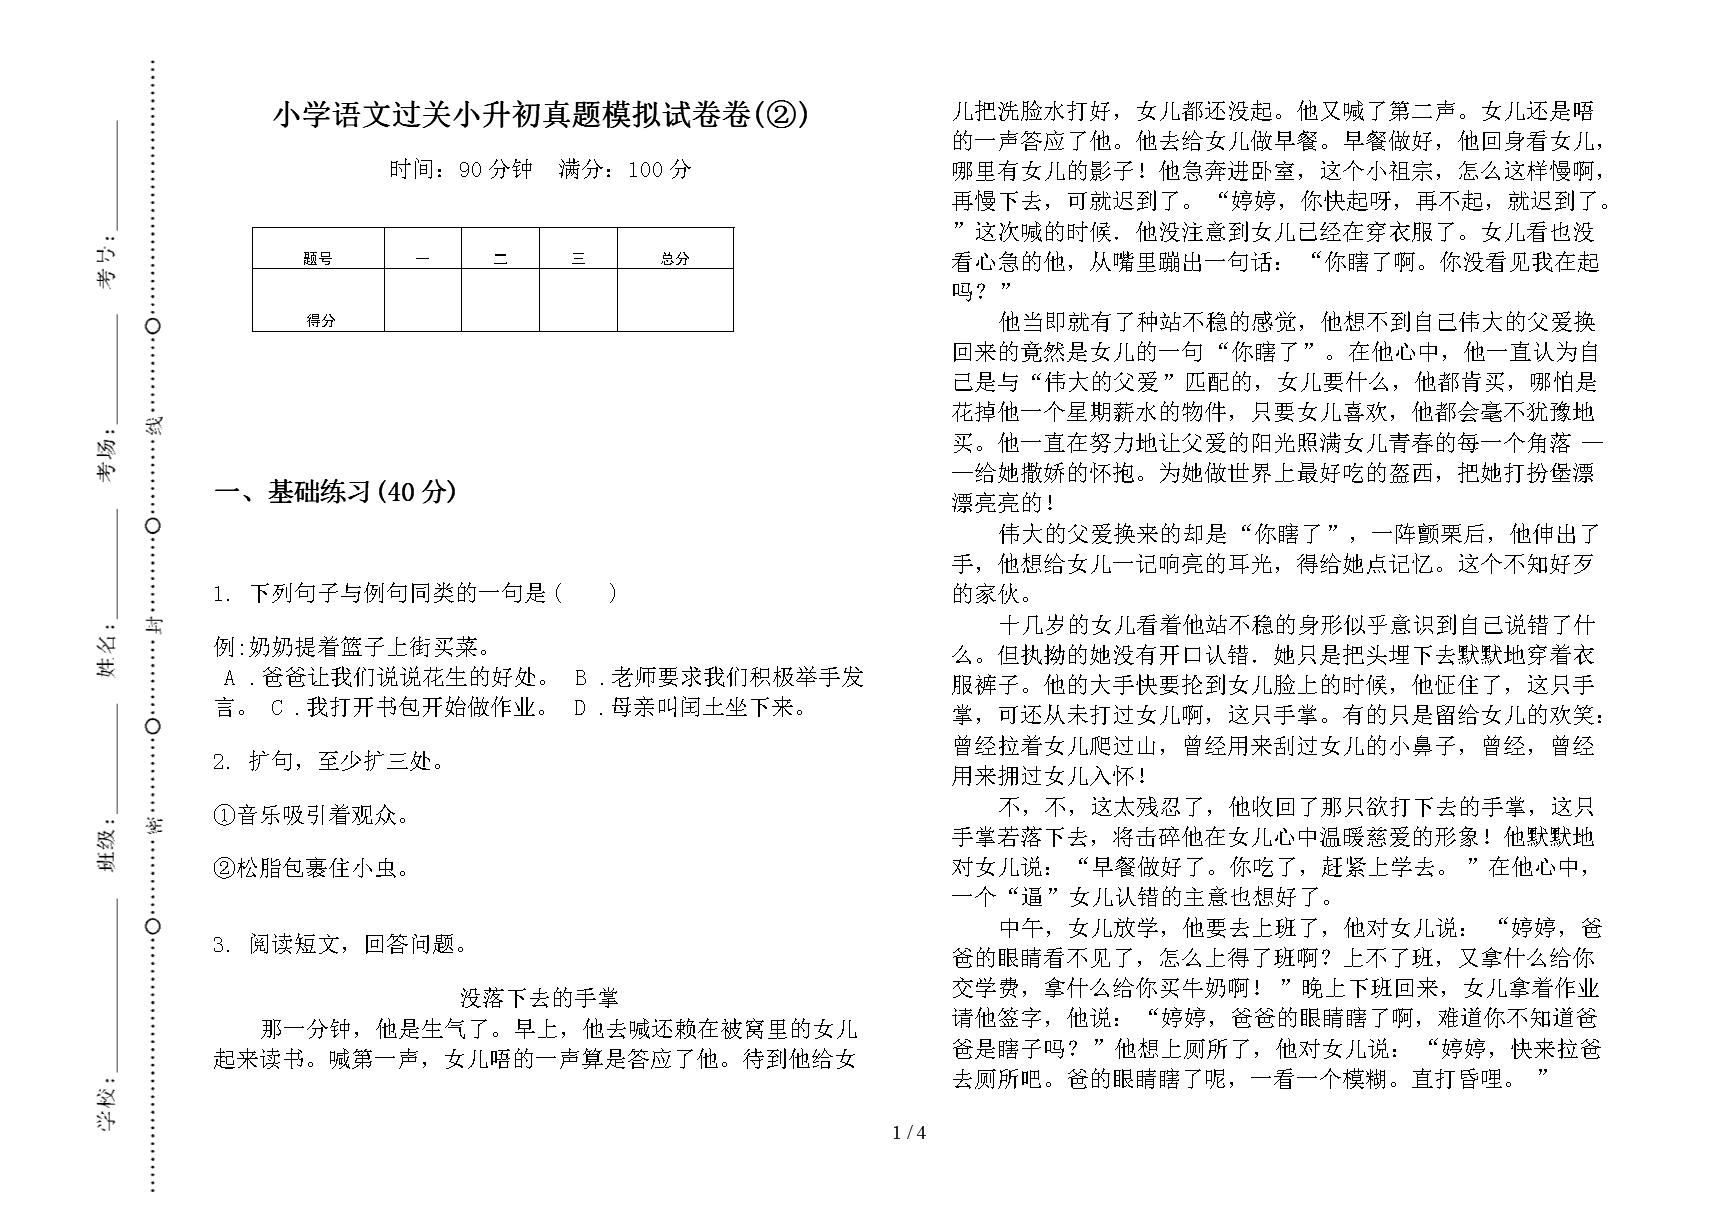 小学语文过关小升初真题模拟试卷卷(②).docx